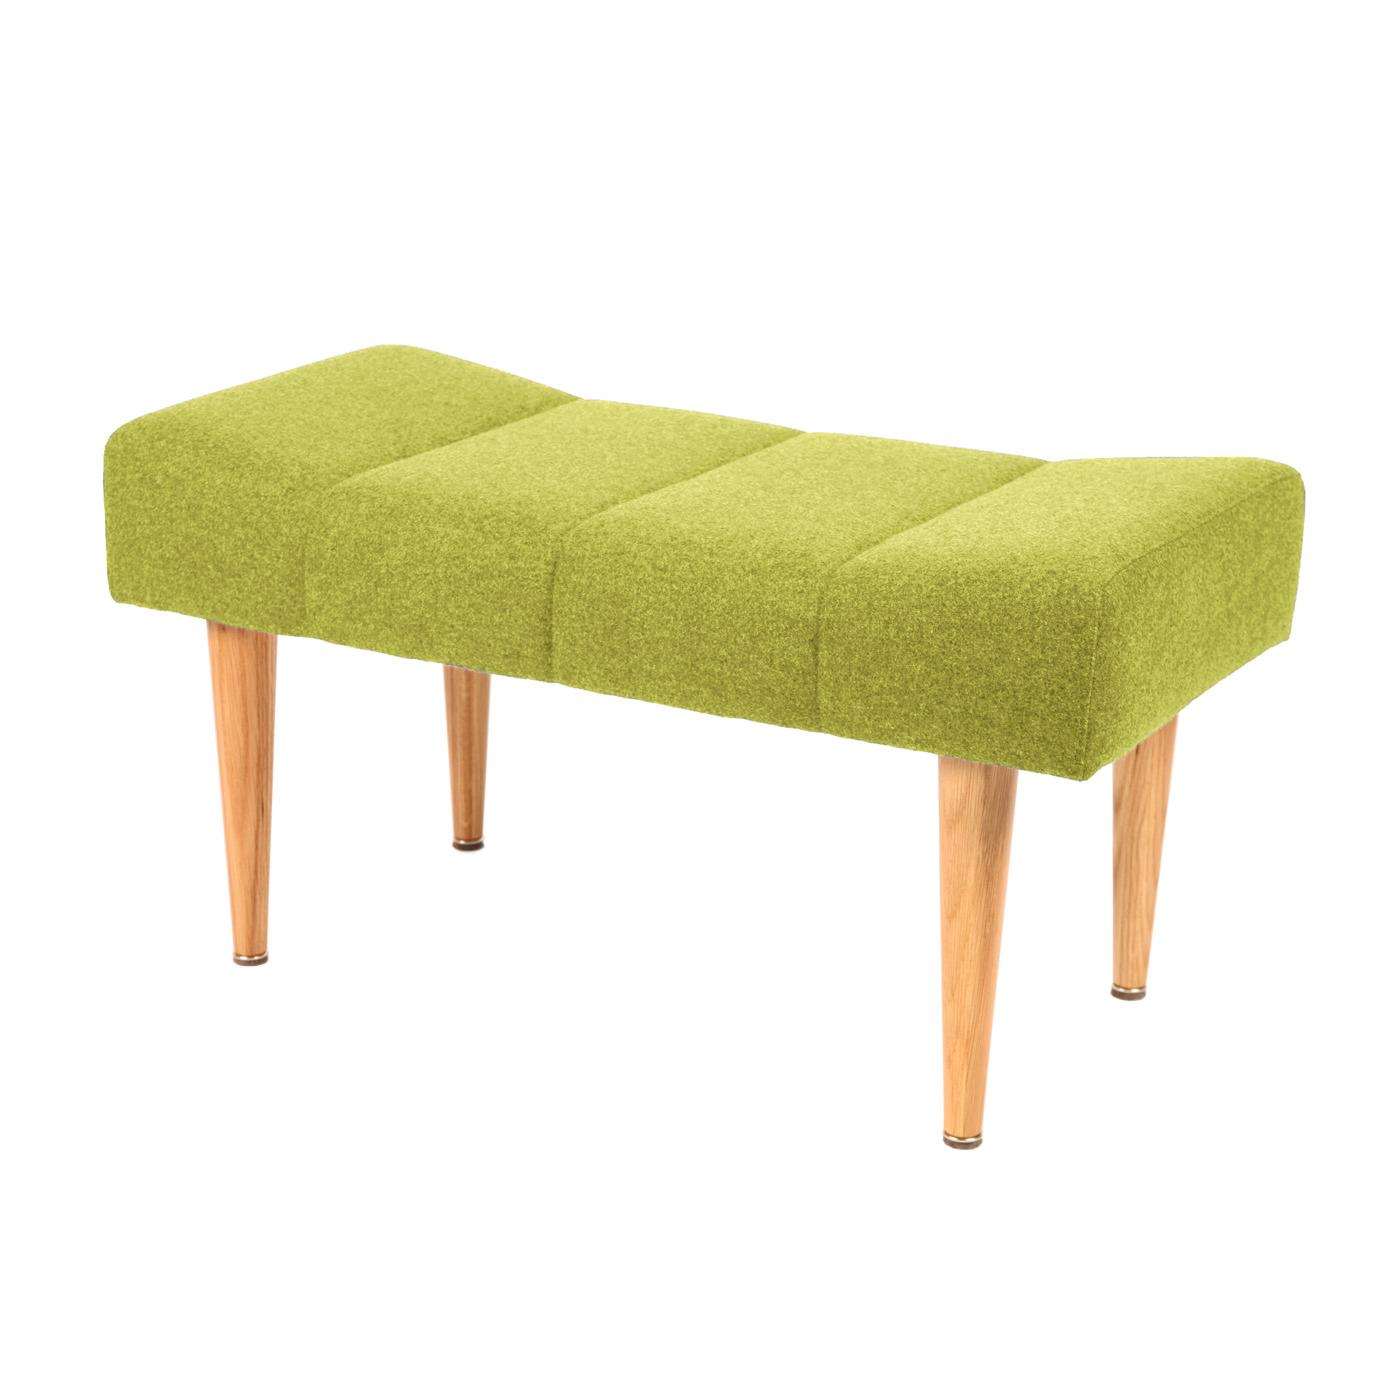 Oot-Oot Stuudio mööbel esikutumba Oot-Oot Studio furniture the stool.